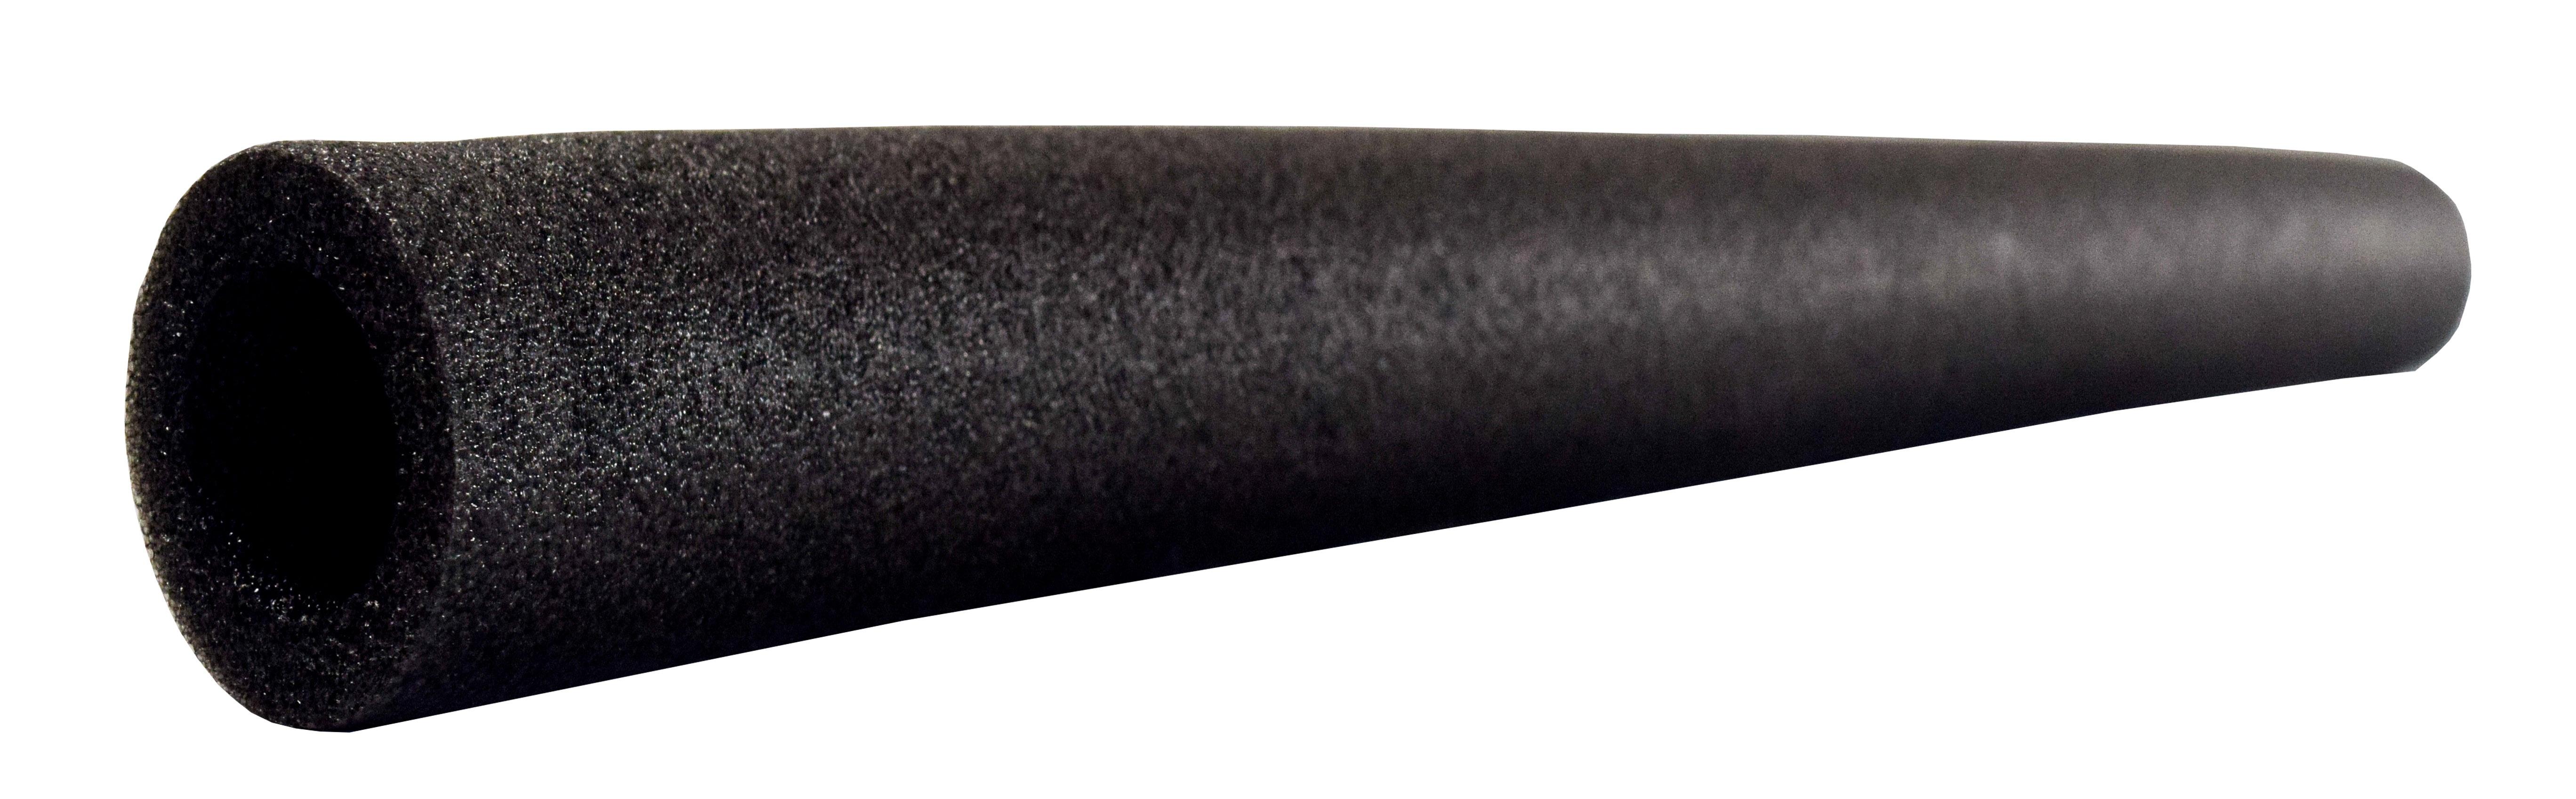 Aga Pěnová ochrana na trampolínové tyče MIRELON 90 cm Black